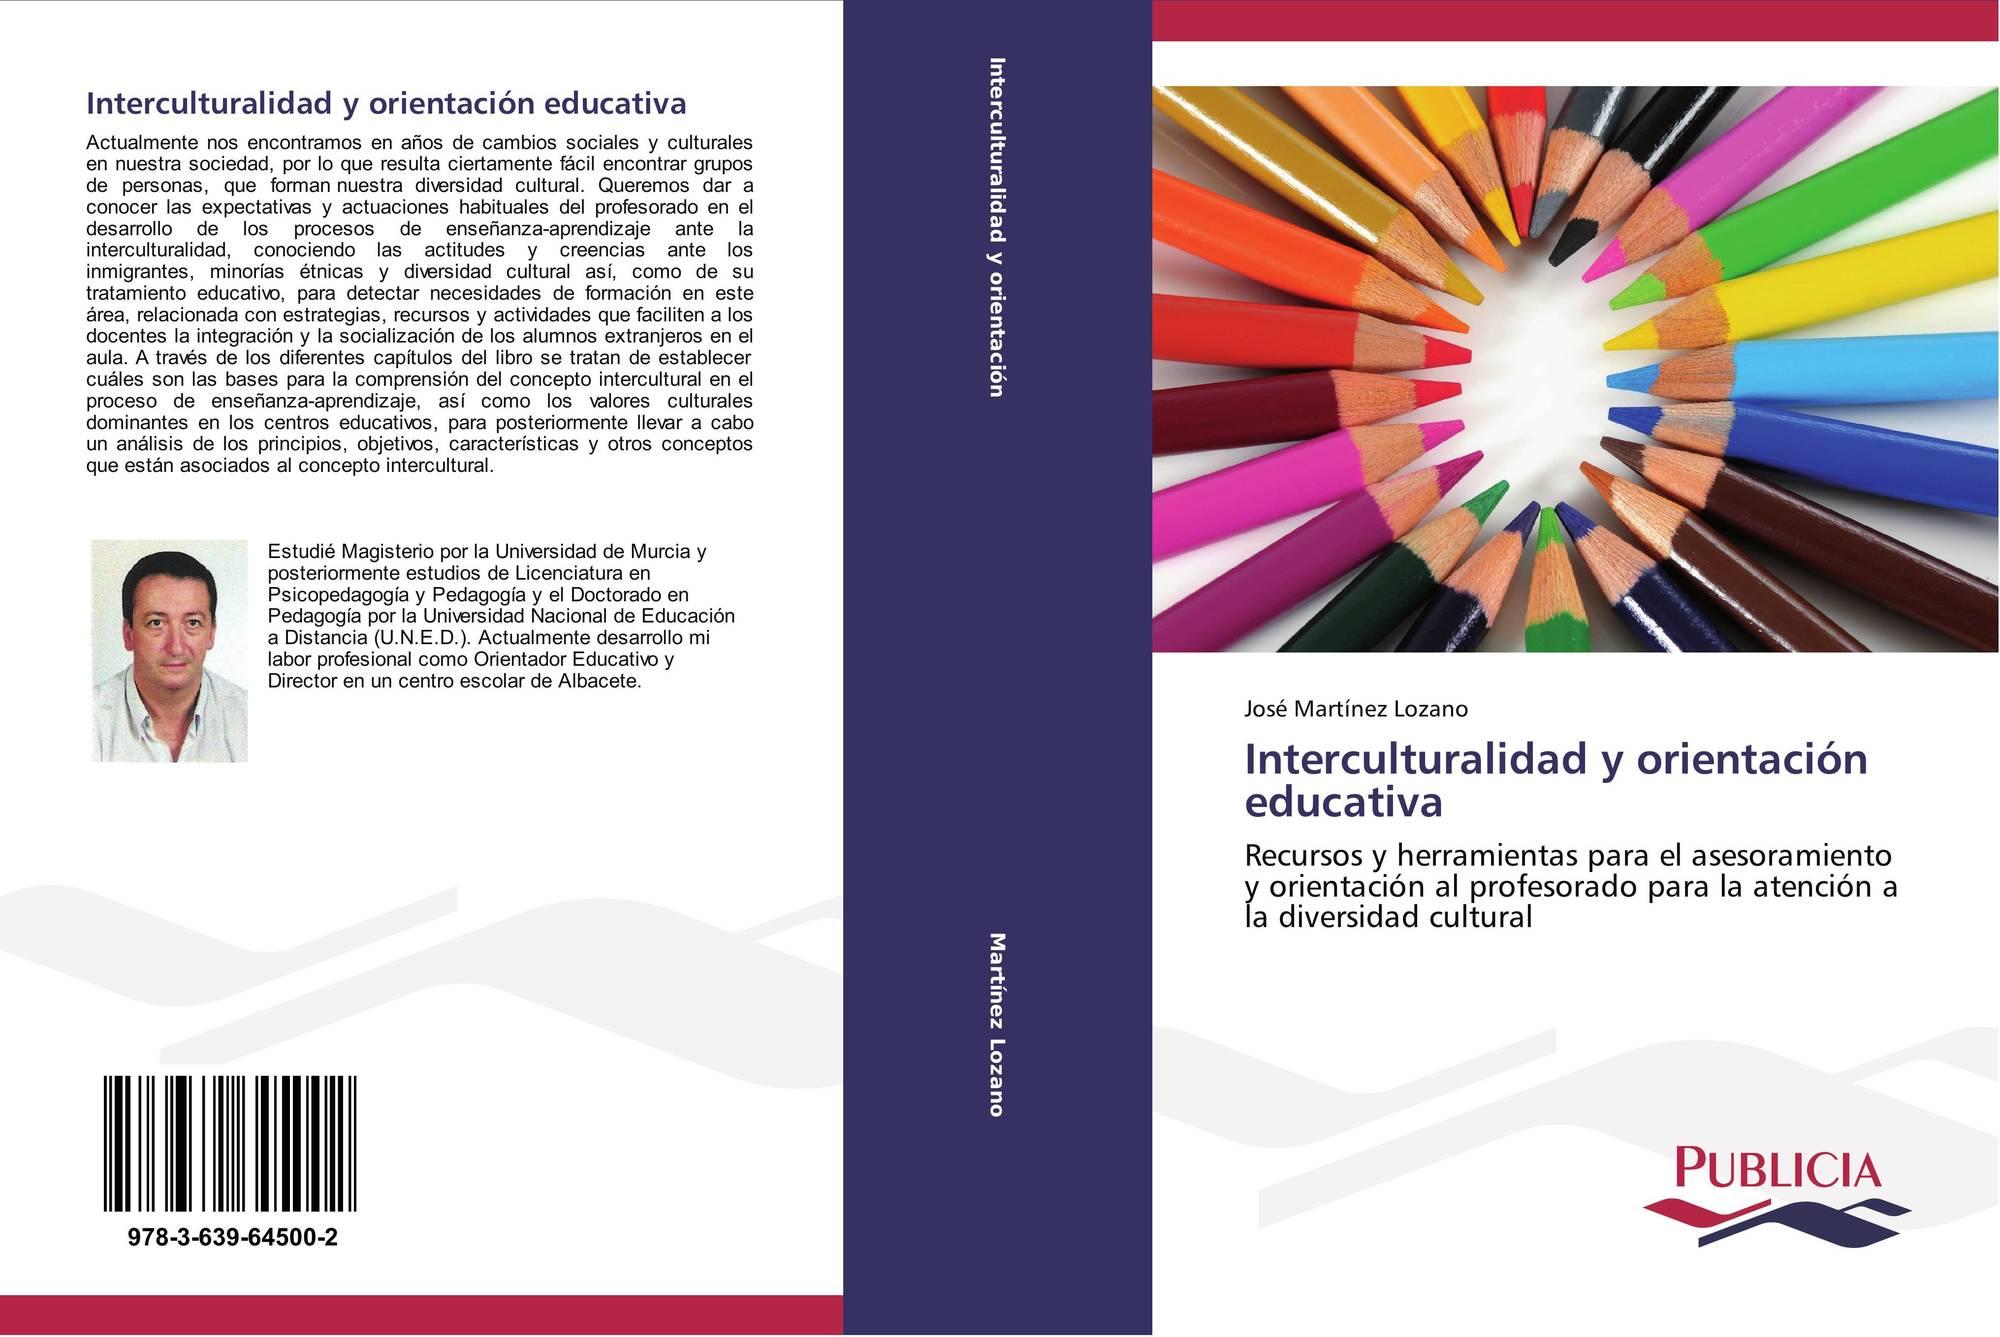 Orientación Educativa Día Del Libro: Interculturalidad Y Orientación Educativa, 978-3-639-64500